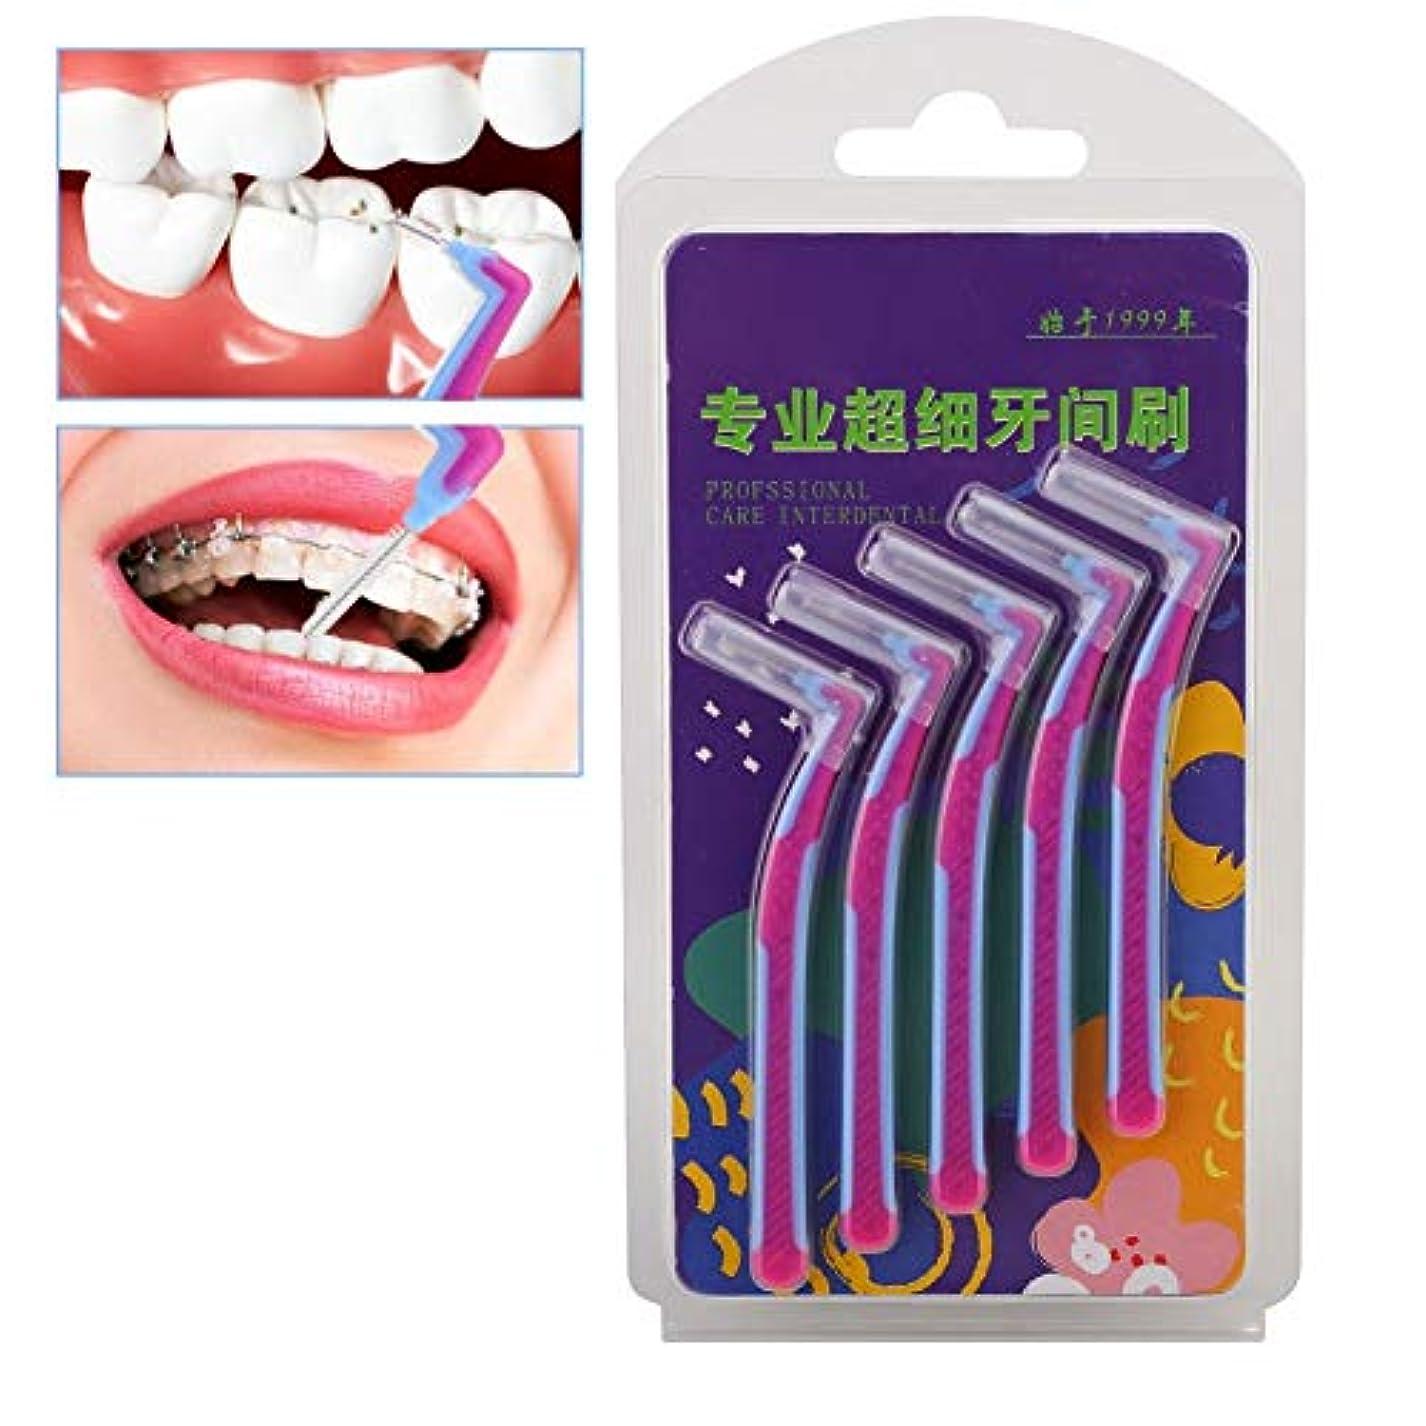 過剰対人ブラウス歯間ブラシ、5本のL字型ディープクリーニング歯間ブラシ柔らかい毛の歯の汚れ除去ツール(0.6mm)